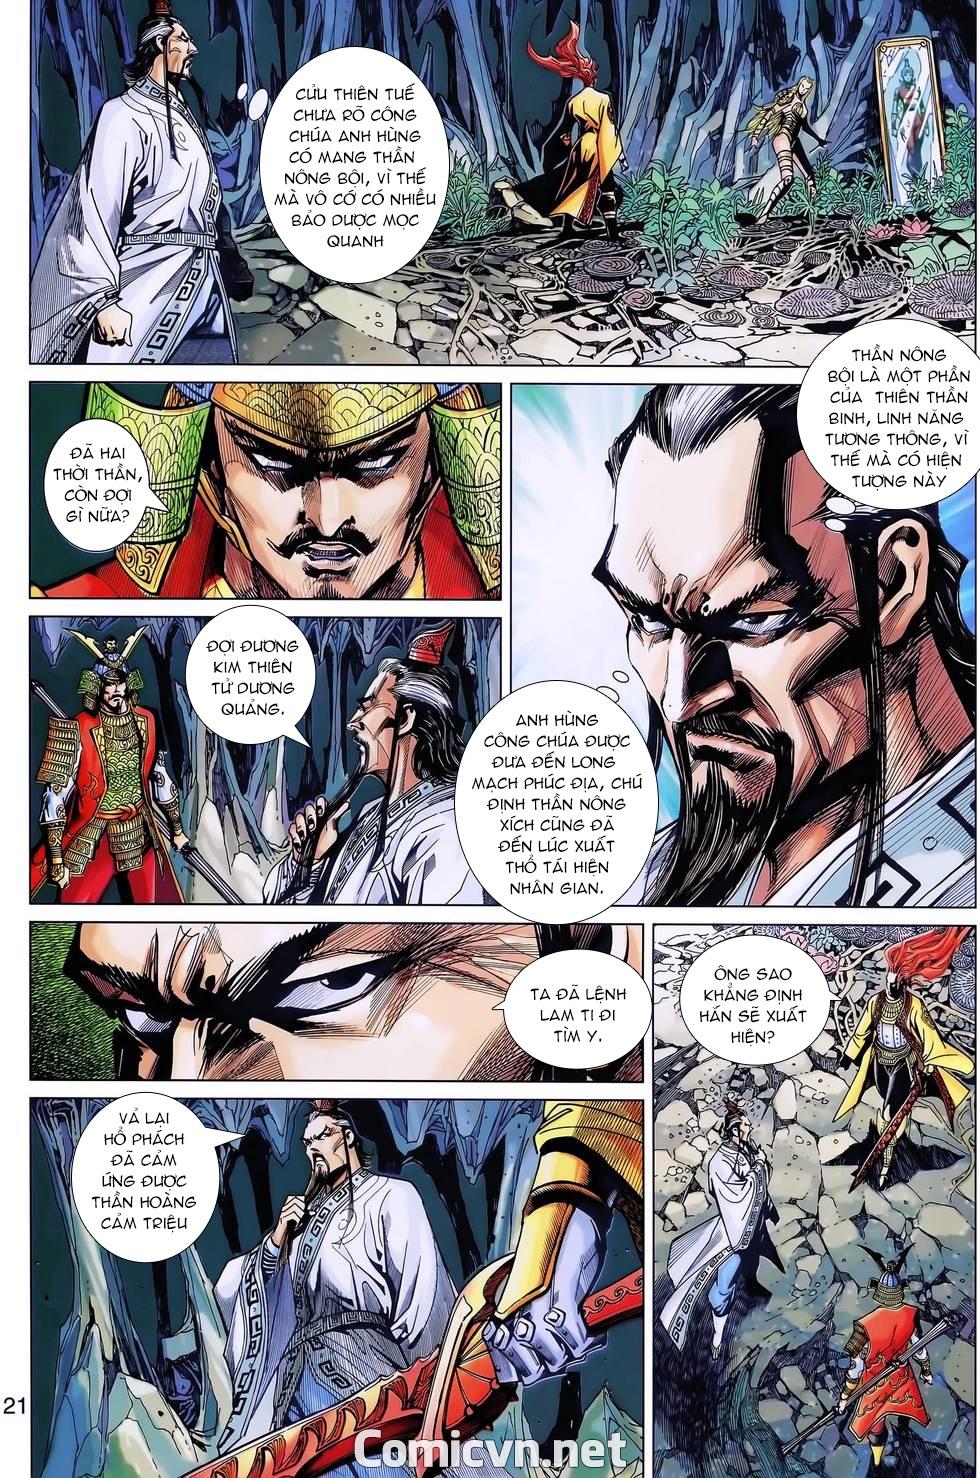 Thần binh huyền kỳ 3 - 3.5 tập 172 - 8